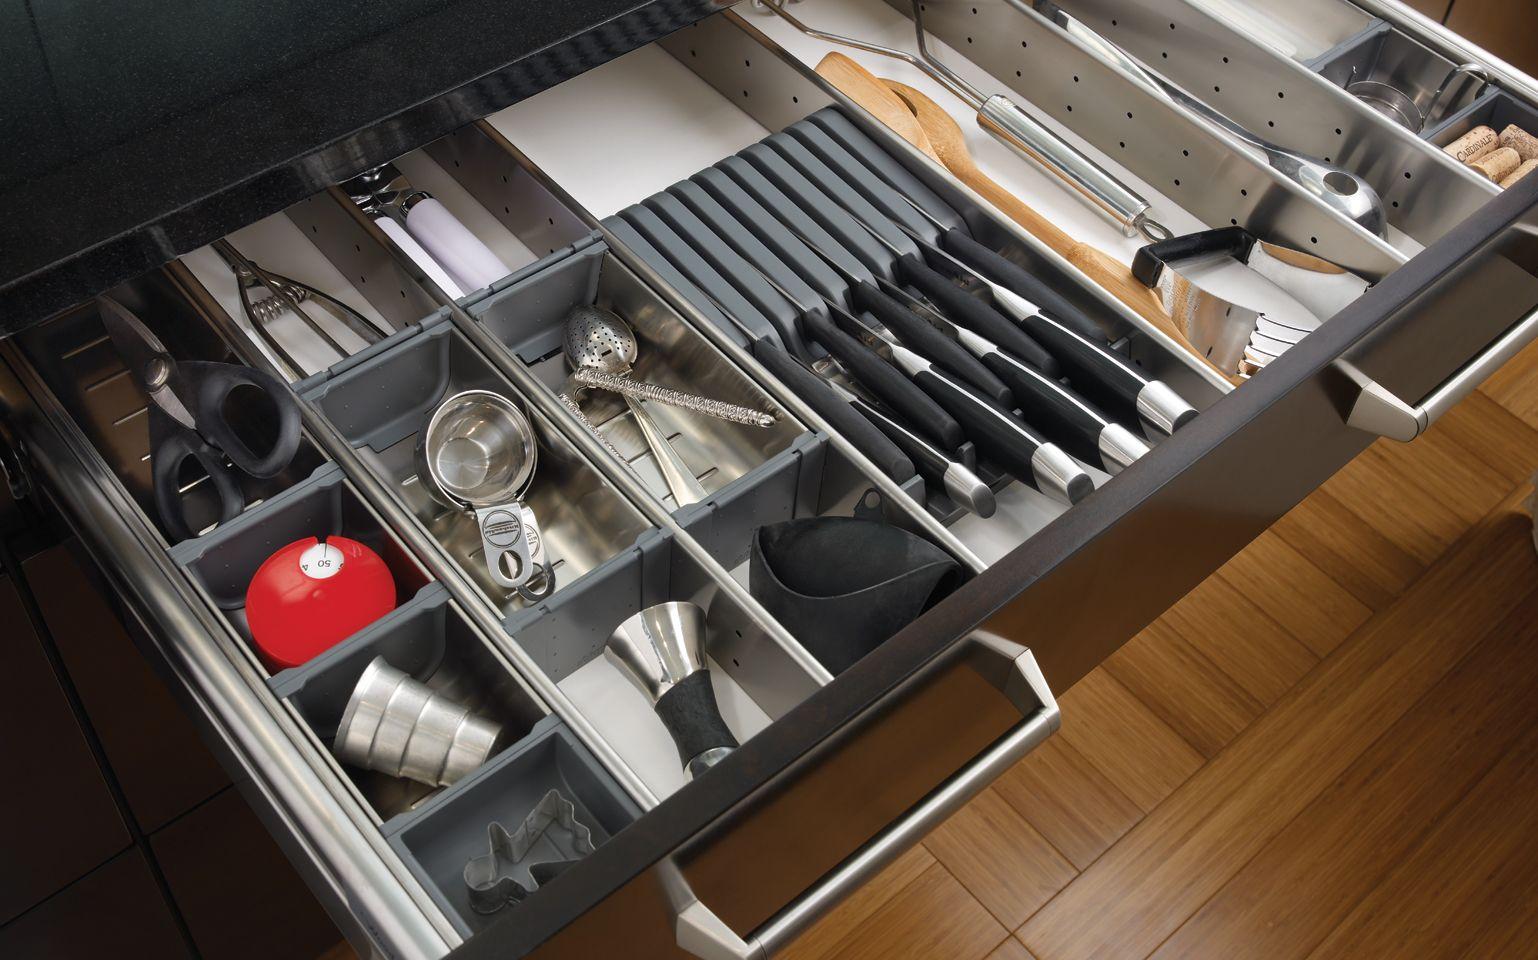 Kitchen Large Stainless Steel Drawer Organizer Wooden Floor